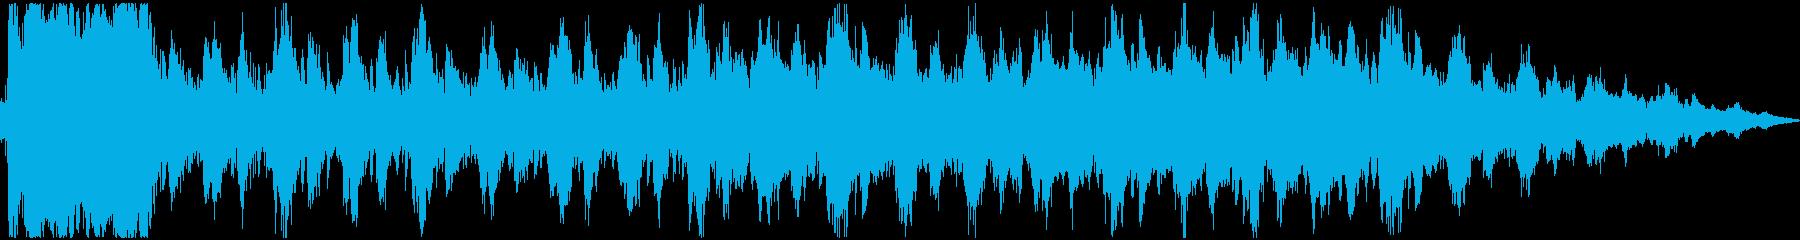 勝利のファンファーレ(ファンタジー系)の再生済みの波形